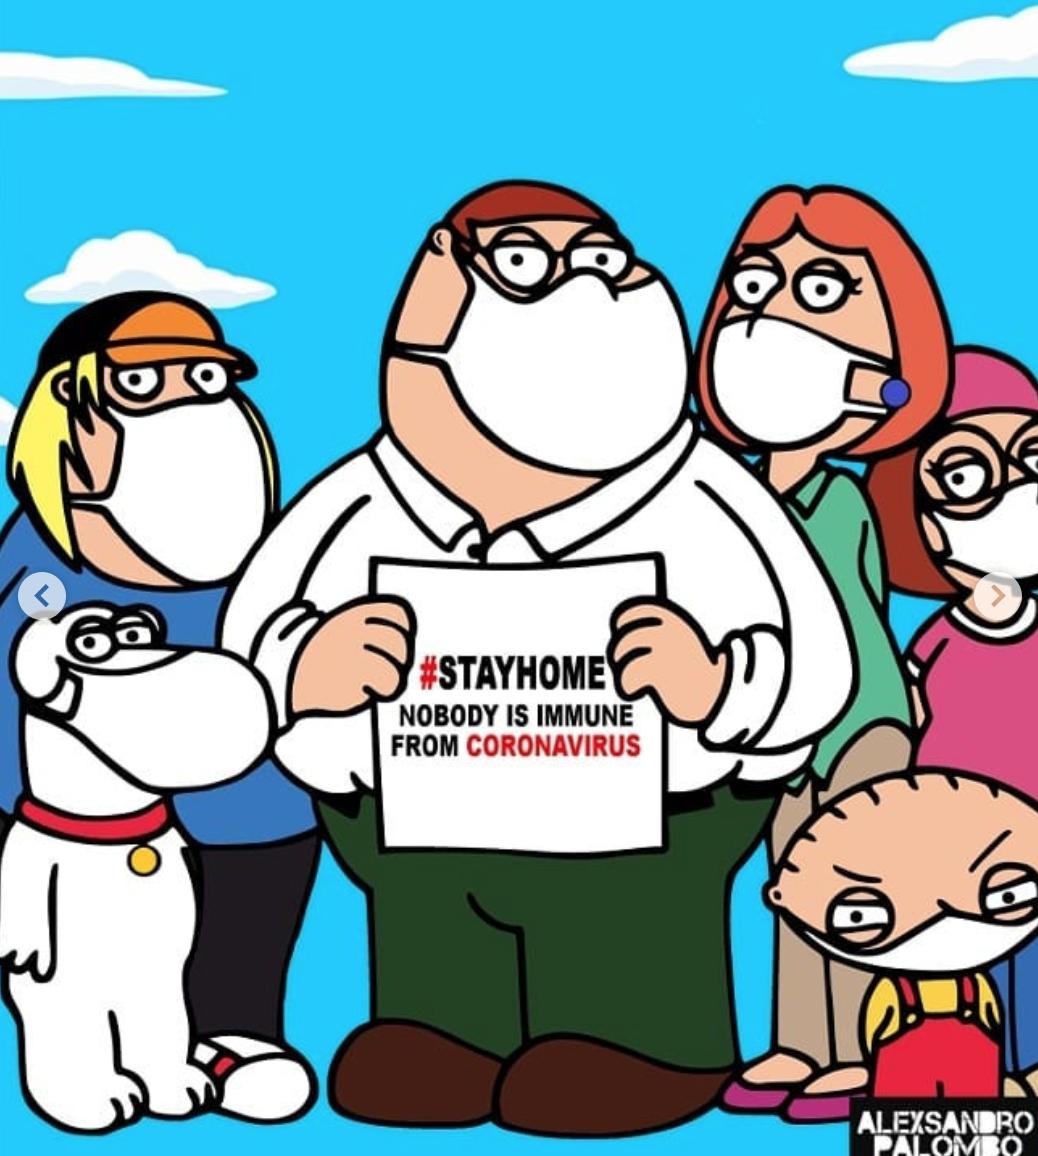 Famosos como personajes de Simpson que combaten el coronavirus